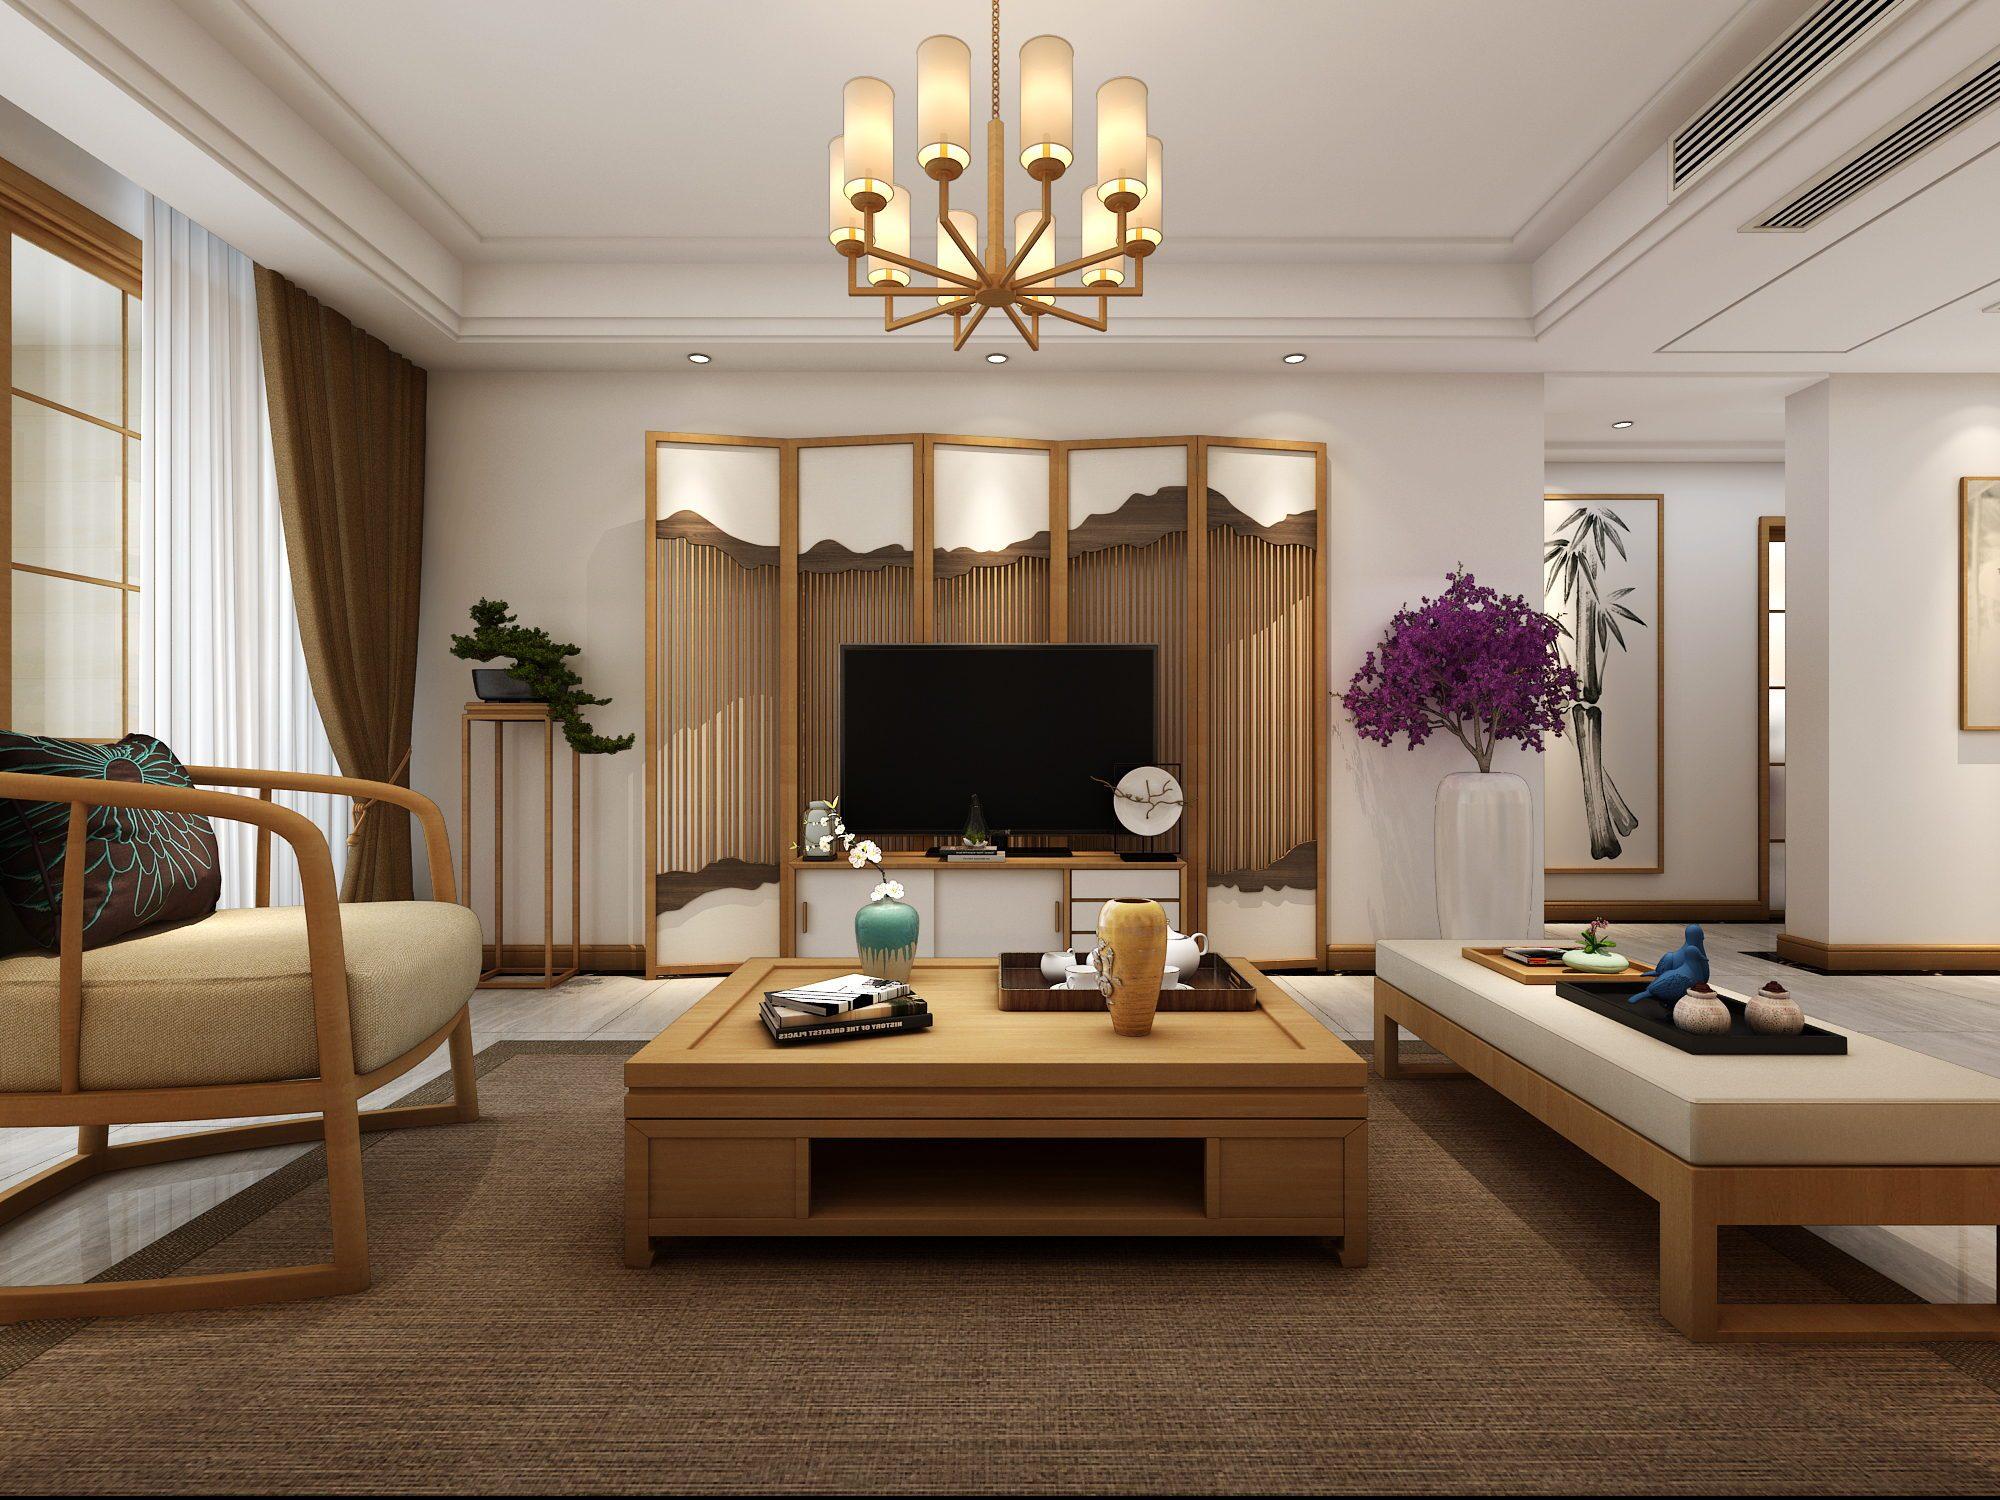 日式风格电视背景墙装修设计效果图